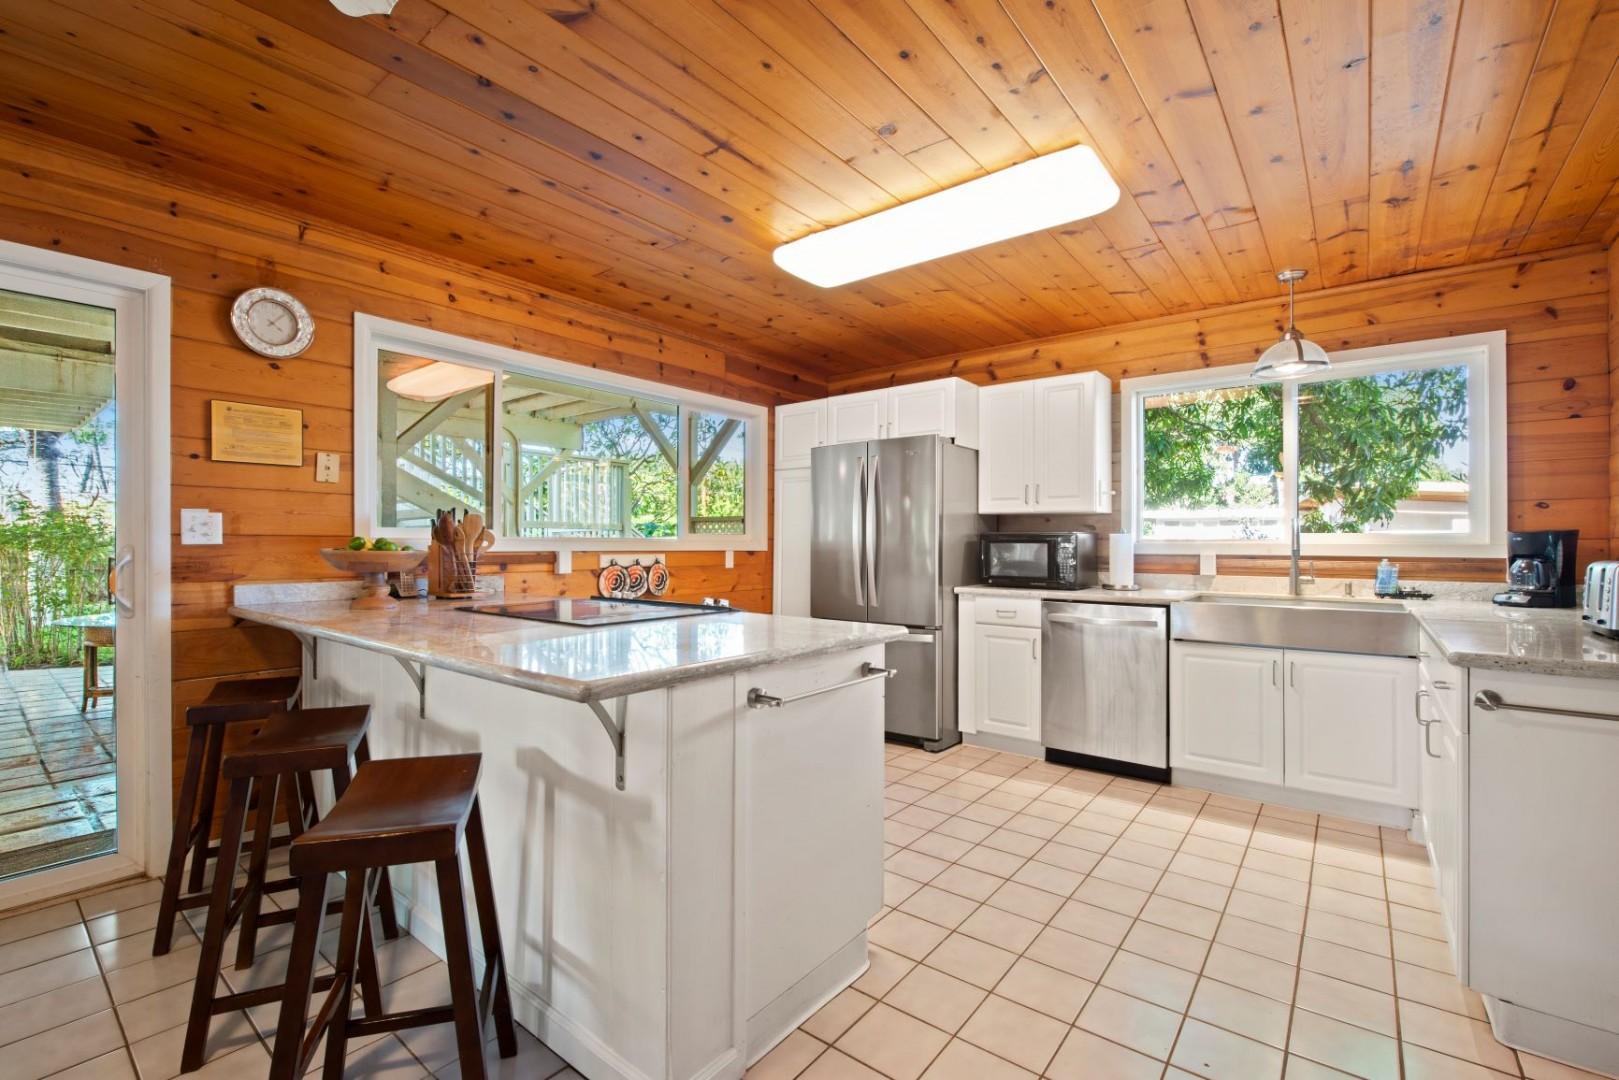 7- spacious kitchen